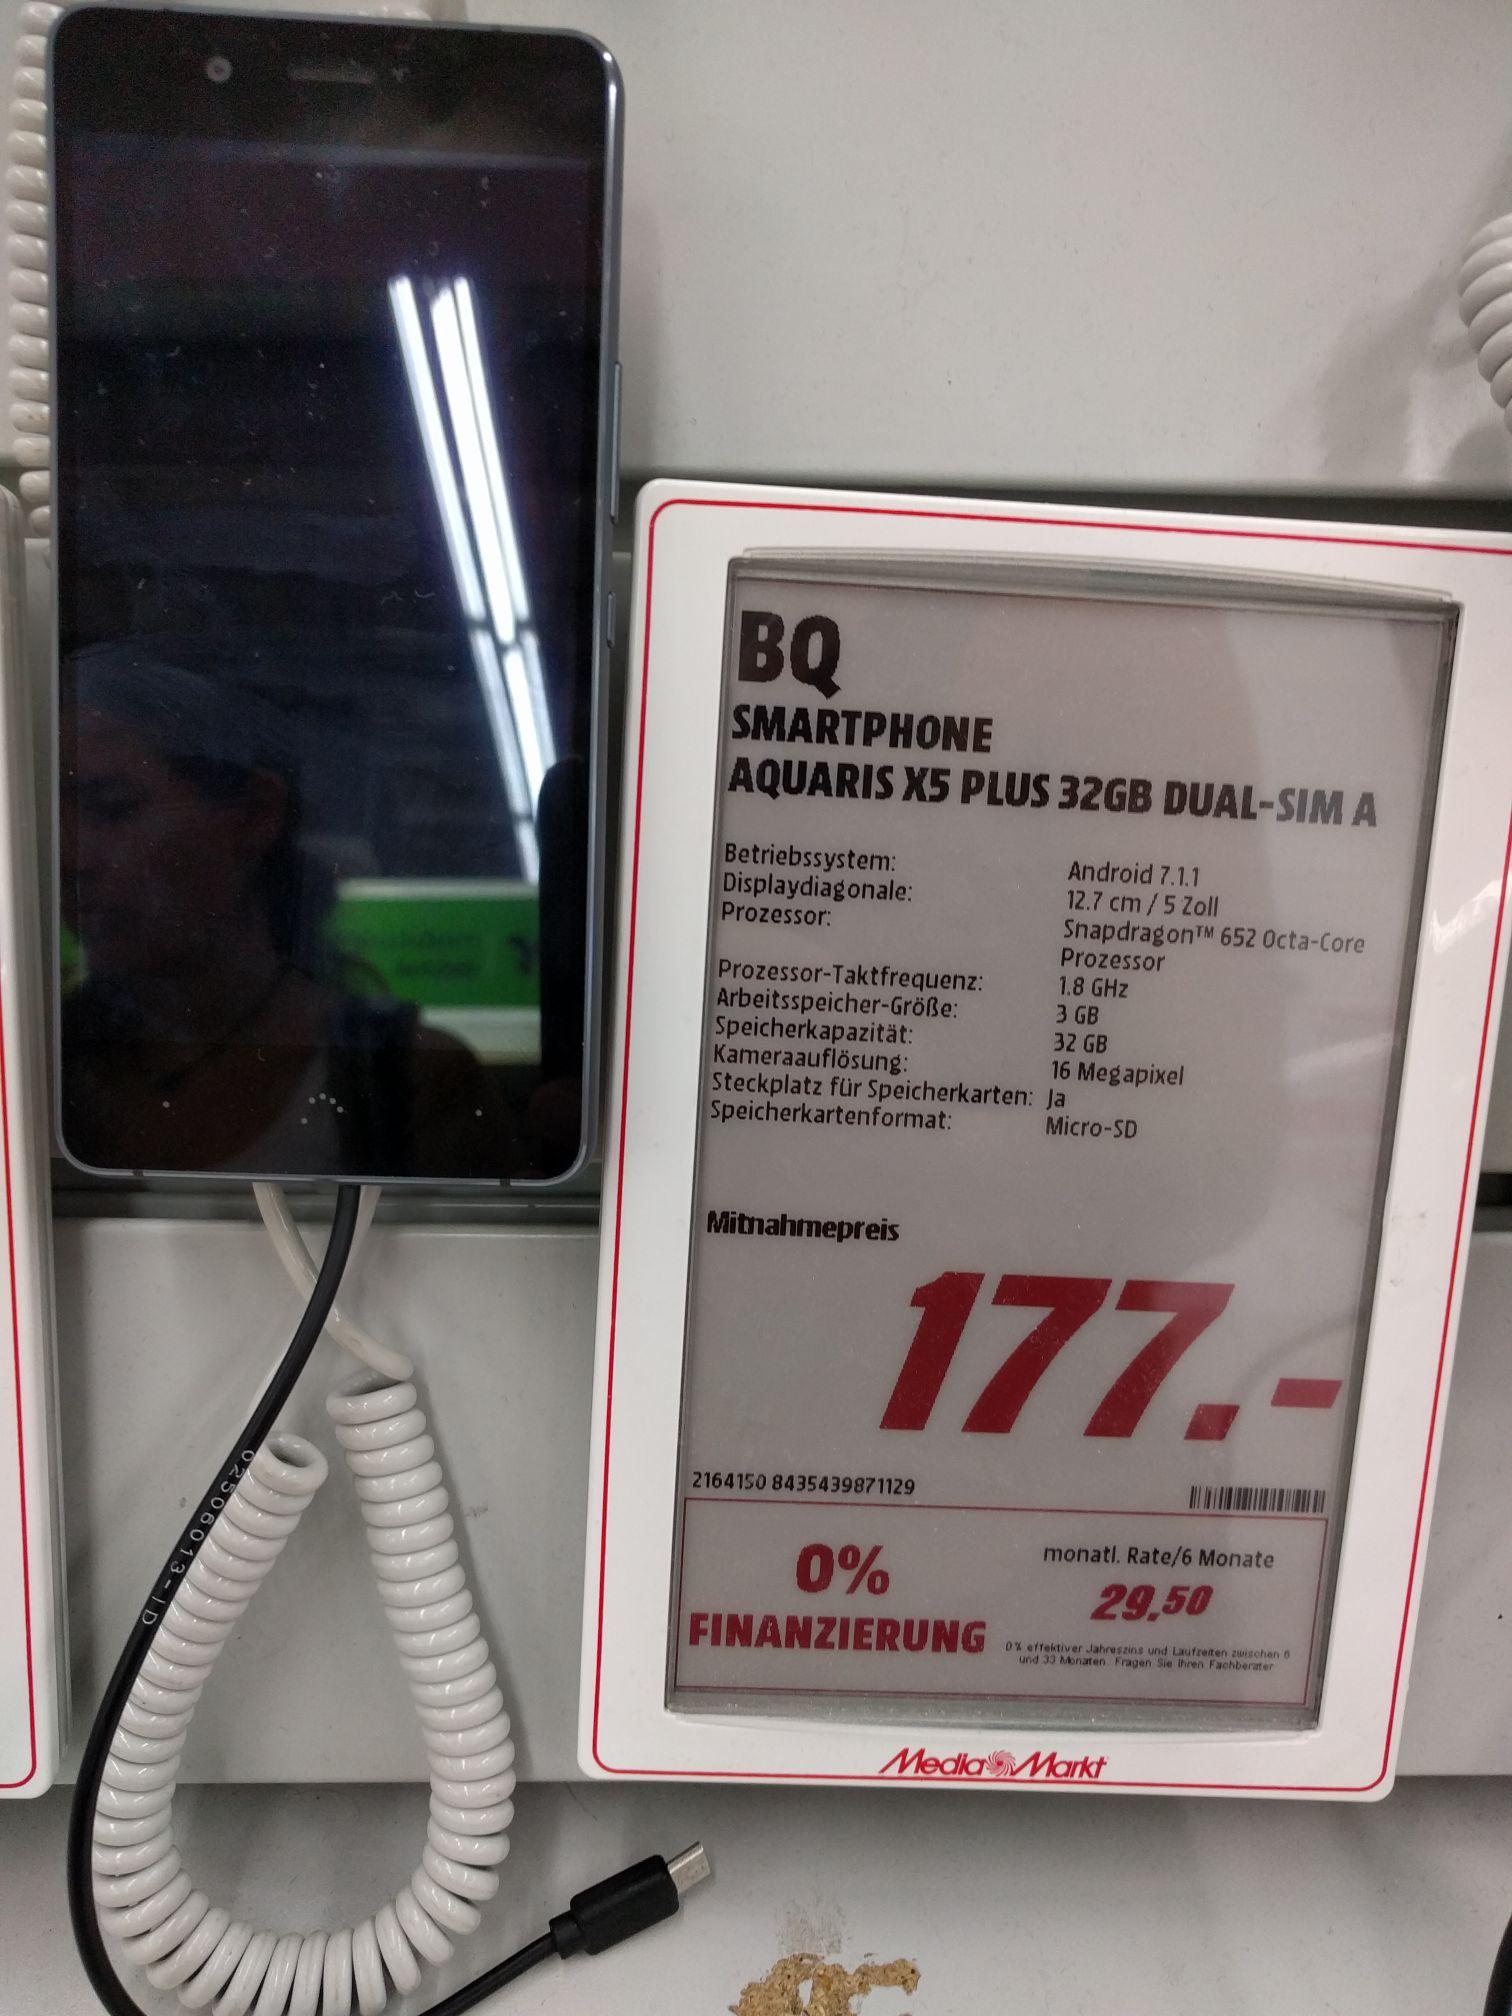 [Lokal -  Media Markt Bruchsal] BQ Aquaris X5 Plus 32GB